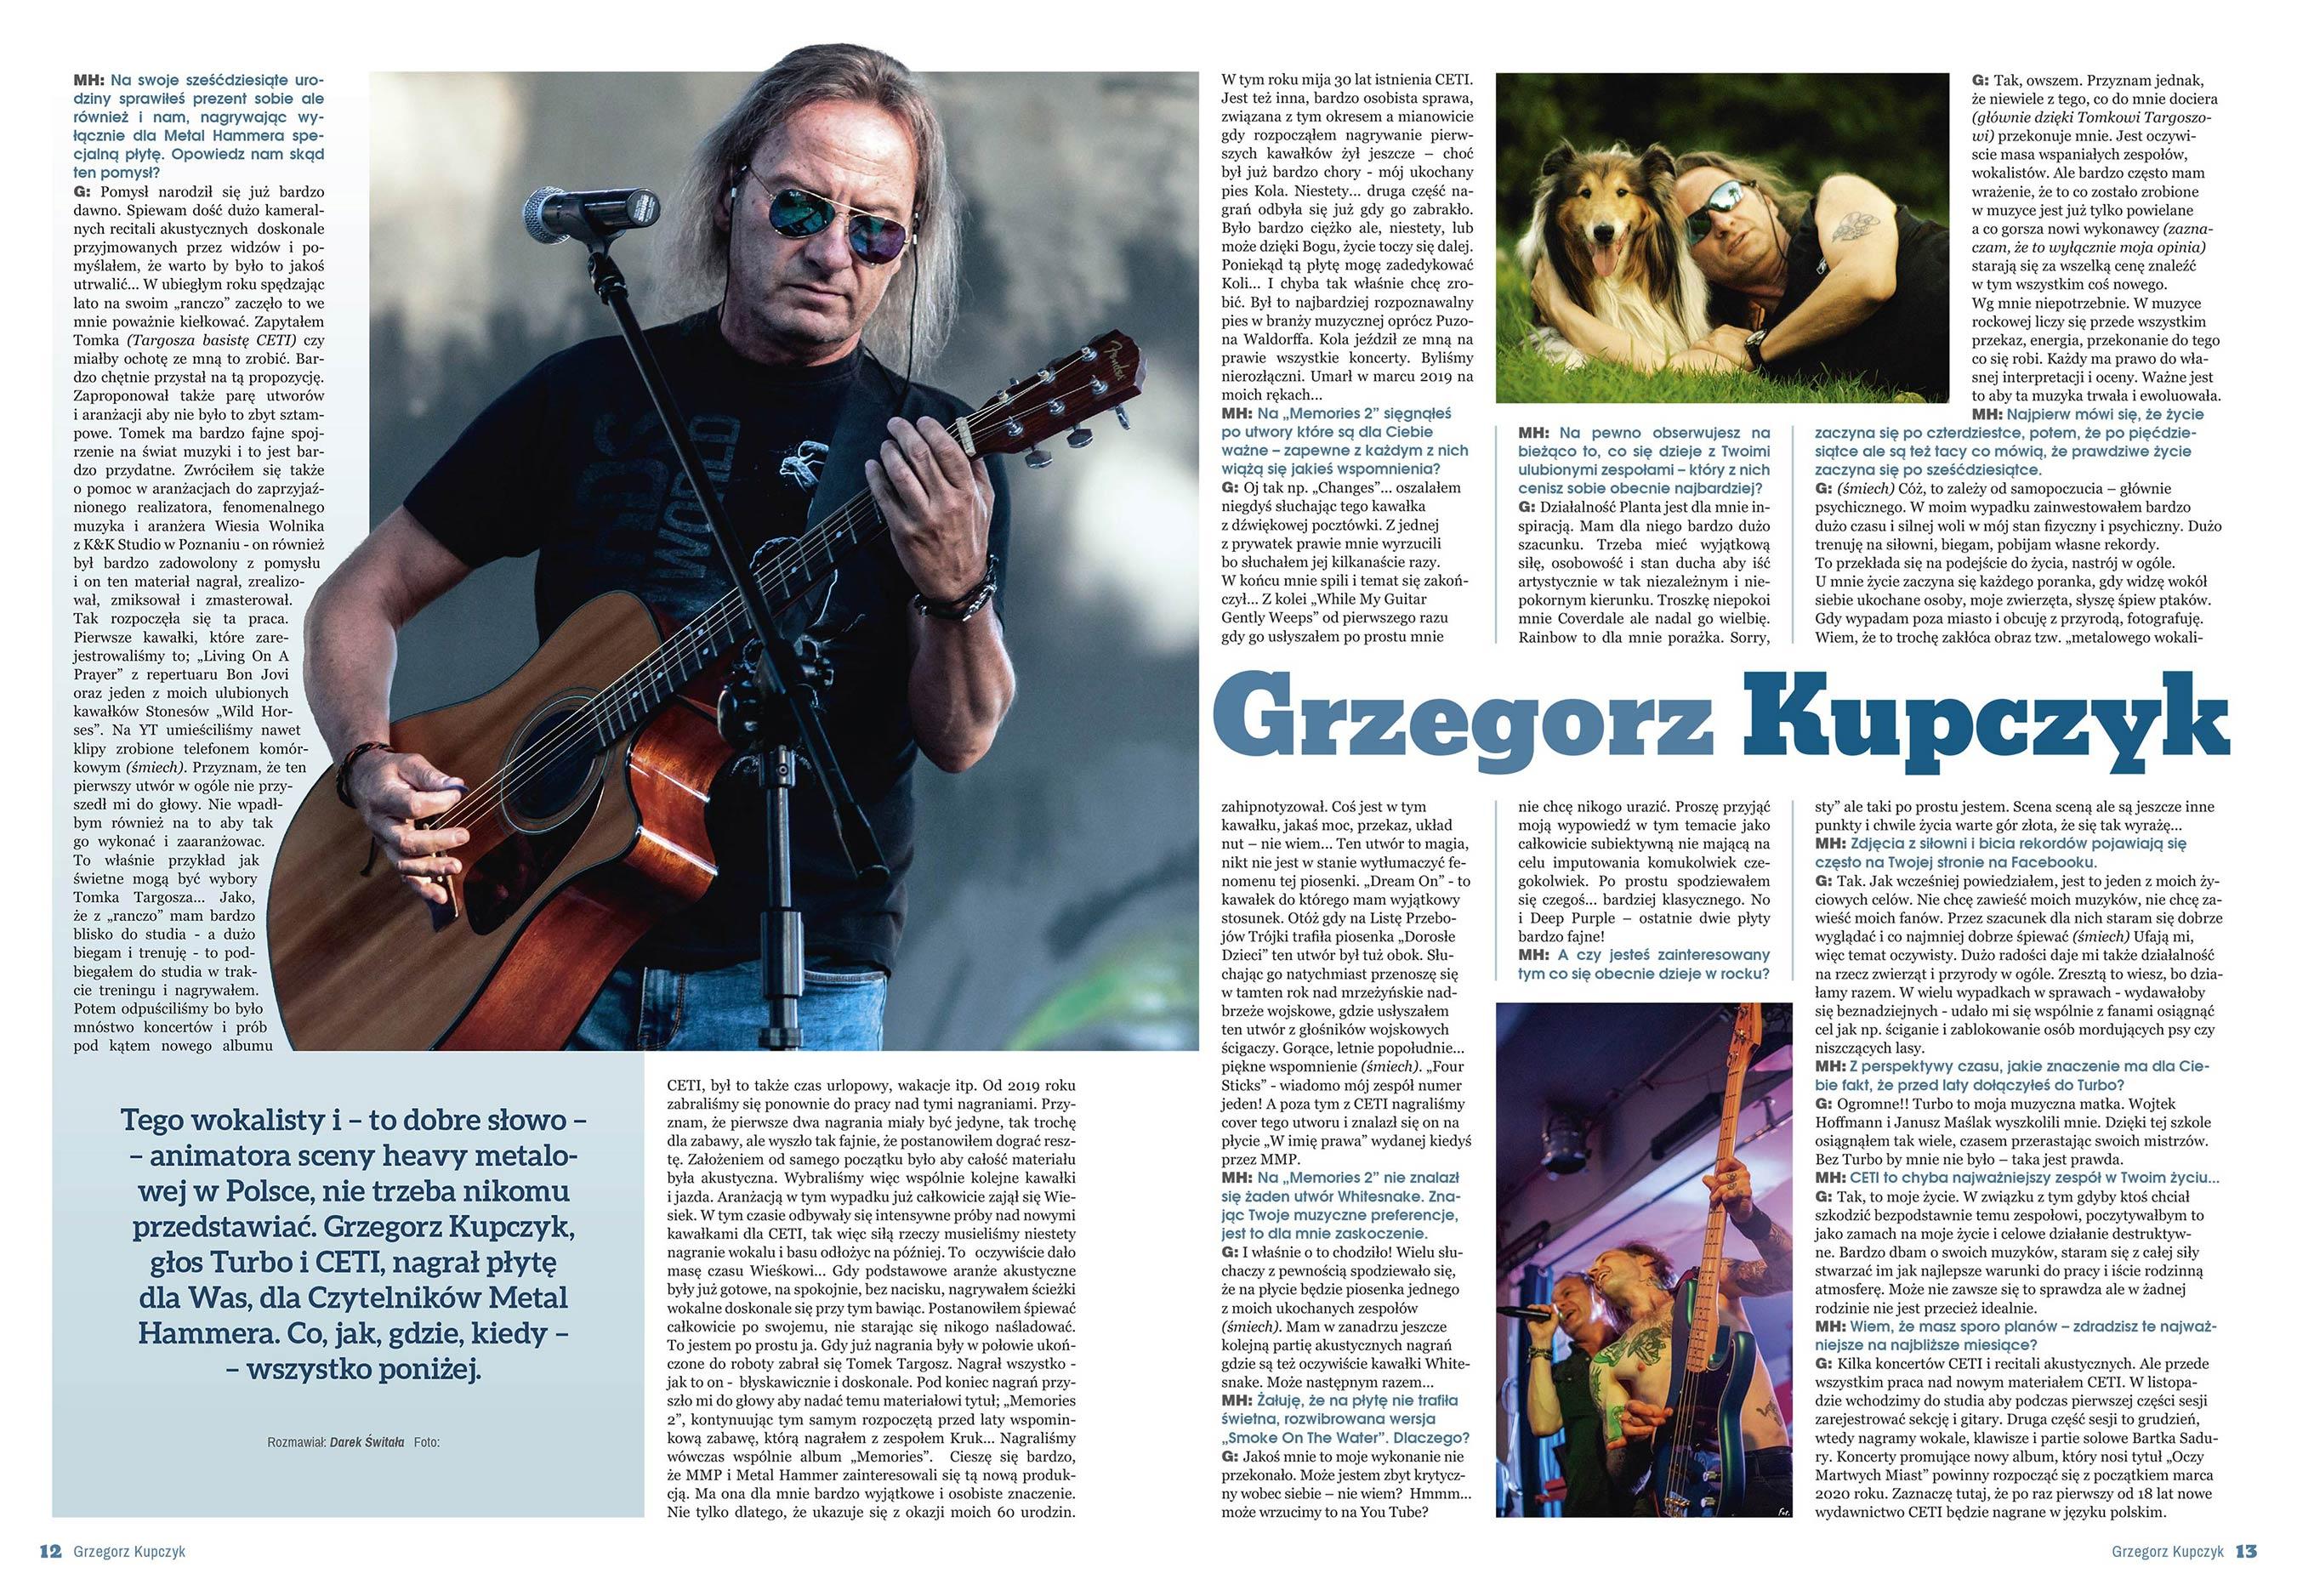 Grzegorz Kupczyk Wywiad